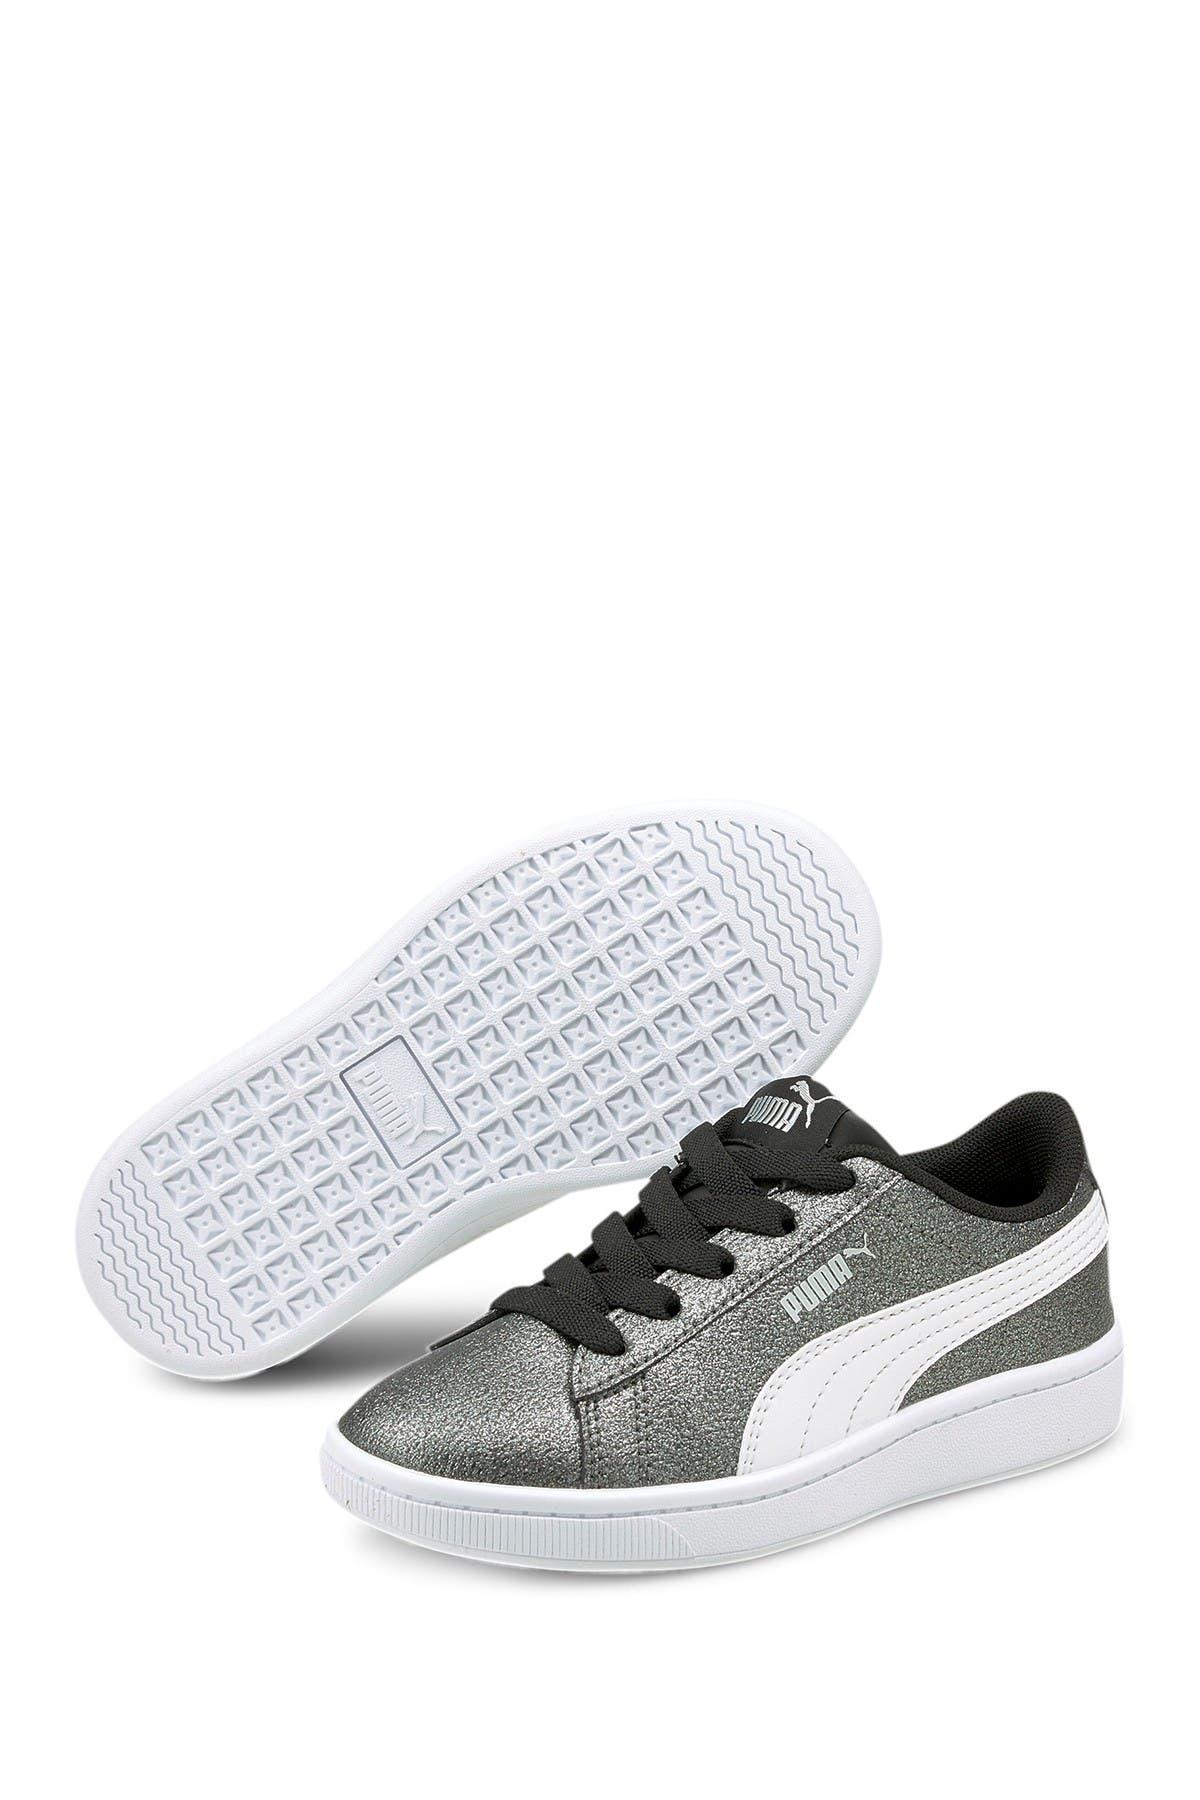 Image of PUMA Vikky V2 Glitz 2 Sneaker